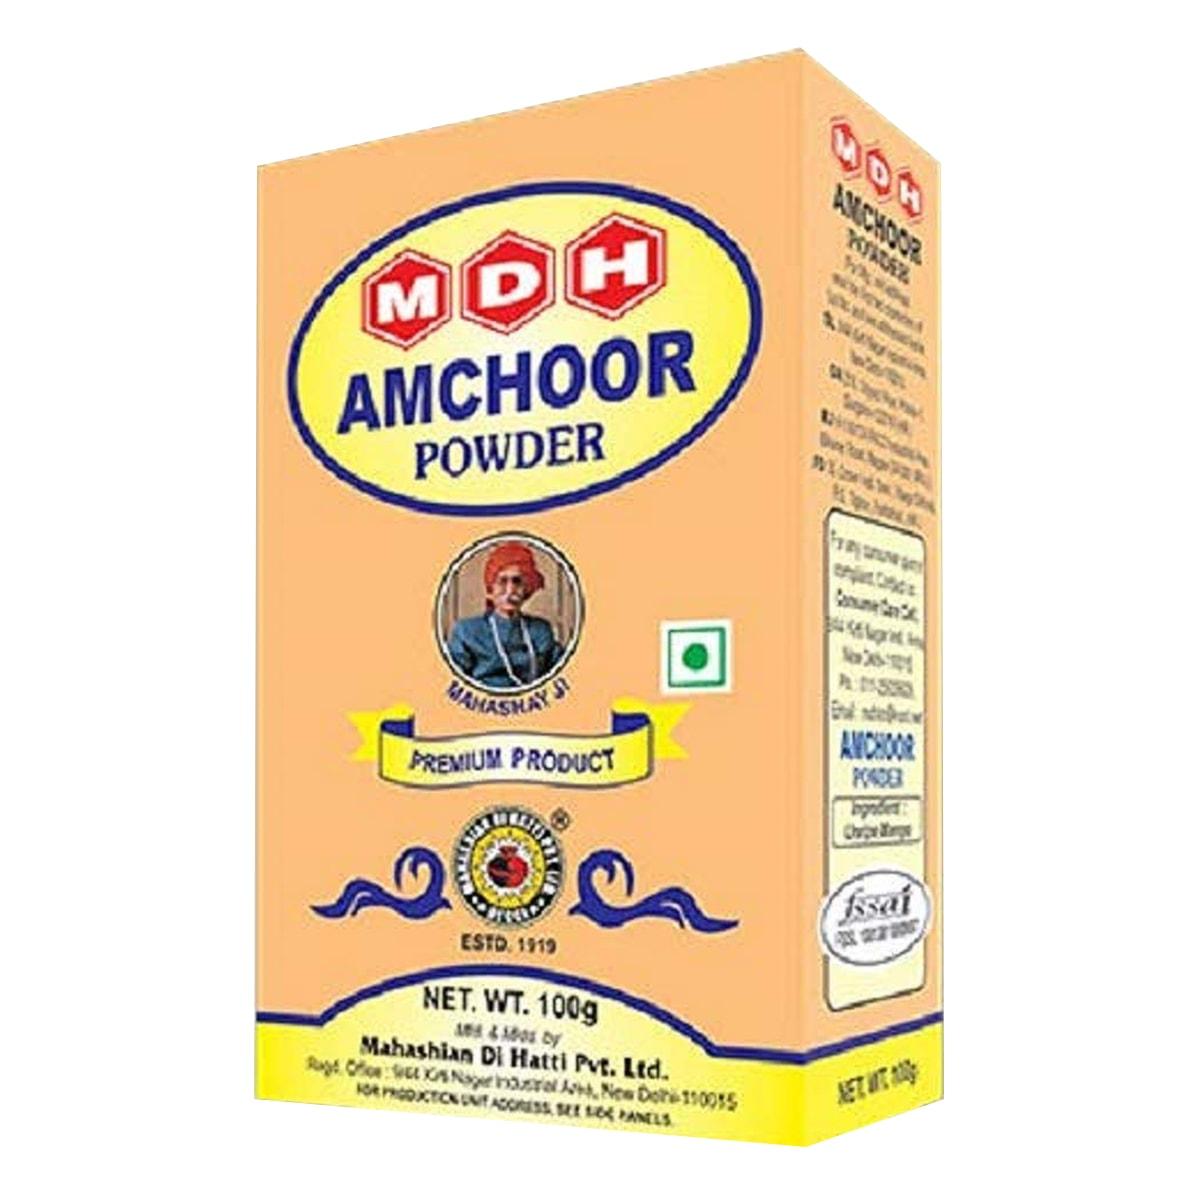 Buy MDH Amchoor Powder - 100 gm